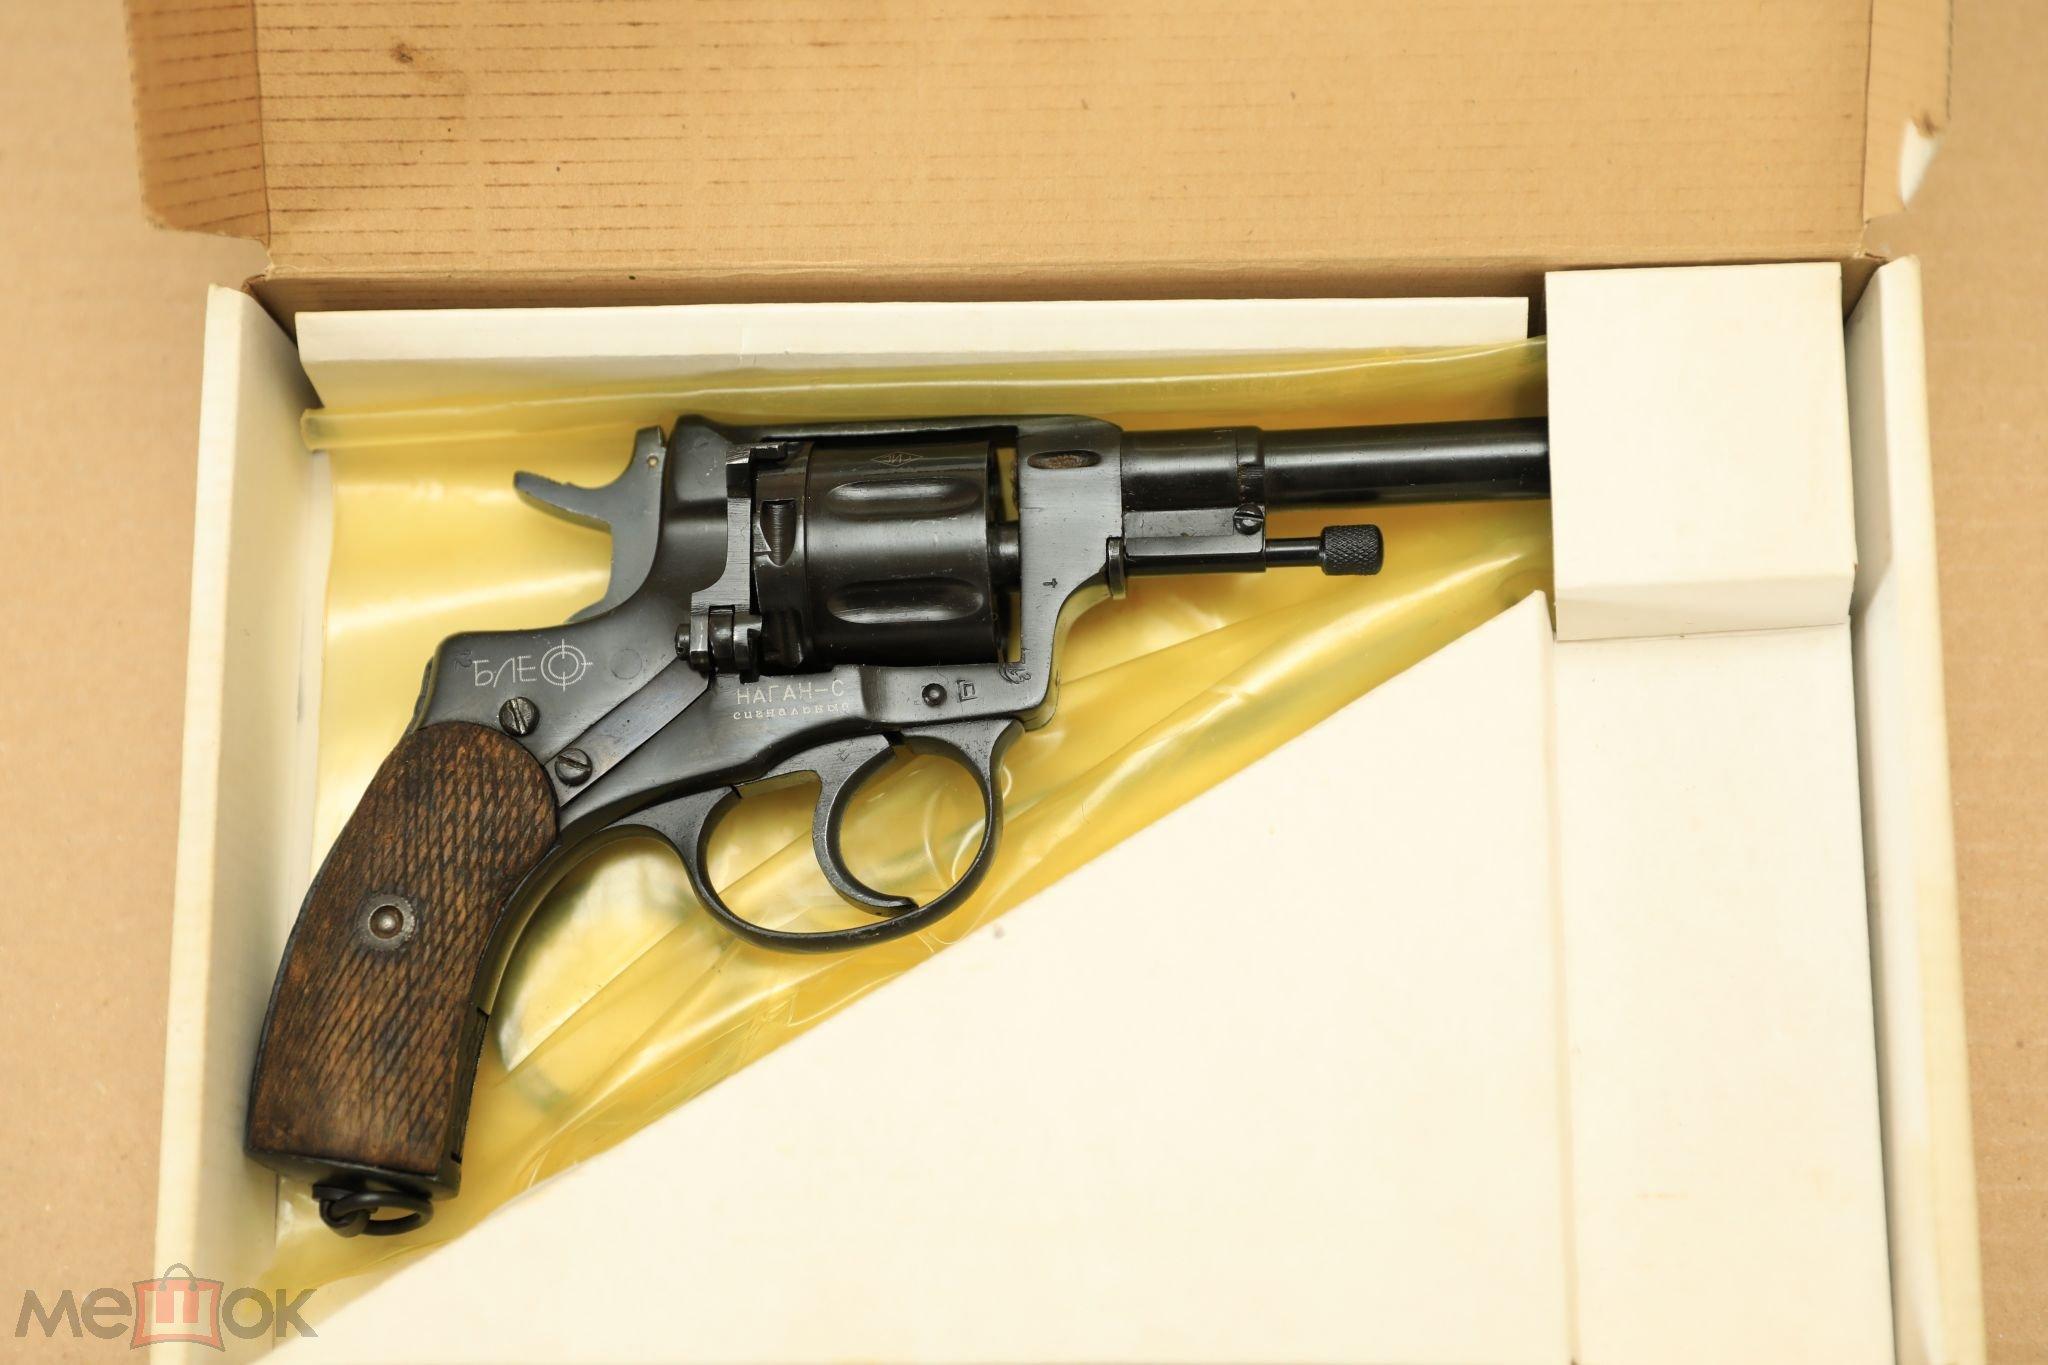 Сигнальный царский револьвер Наган БЛЕФ, 1905 года, №39374